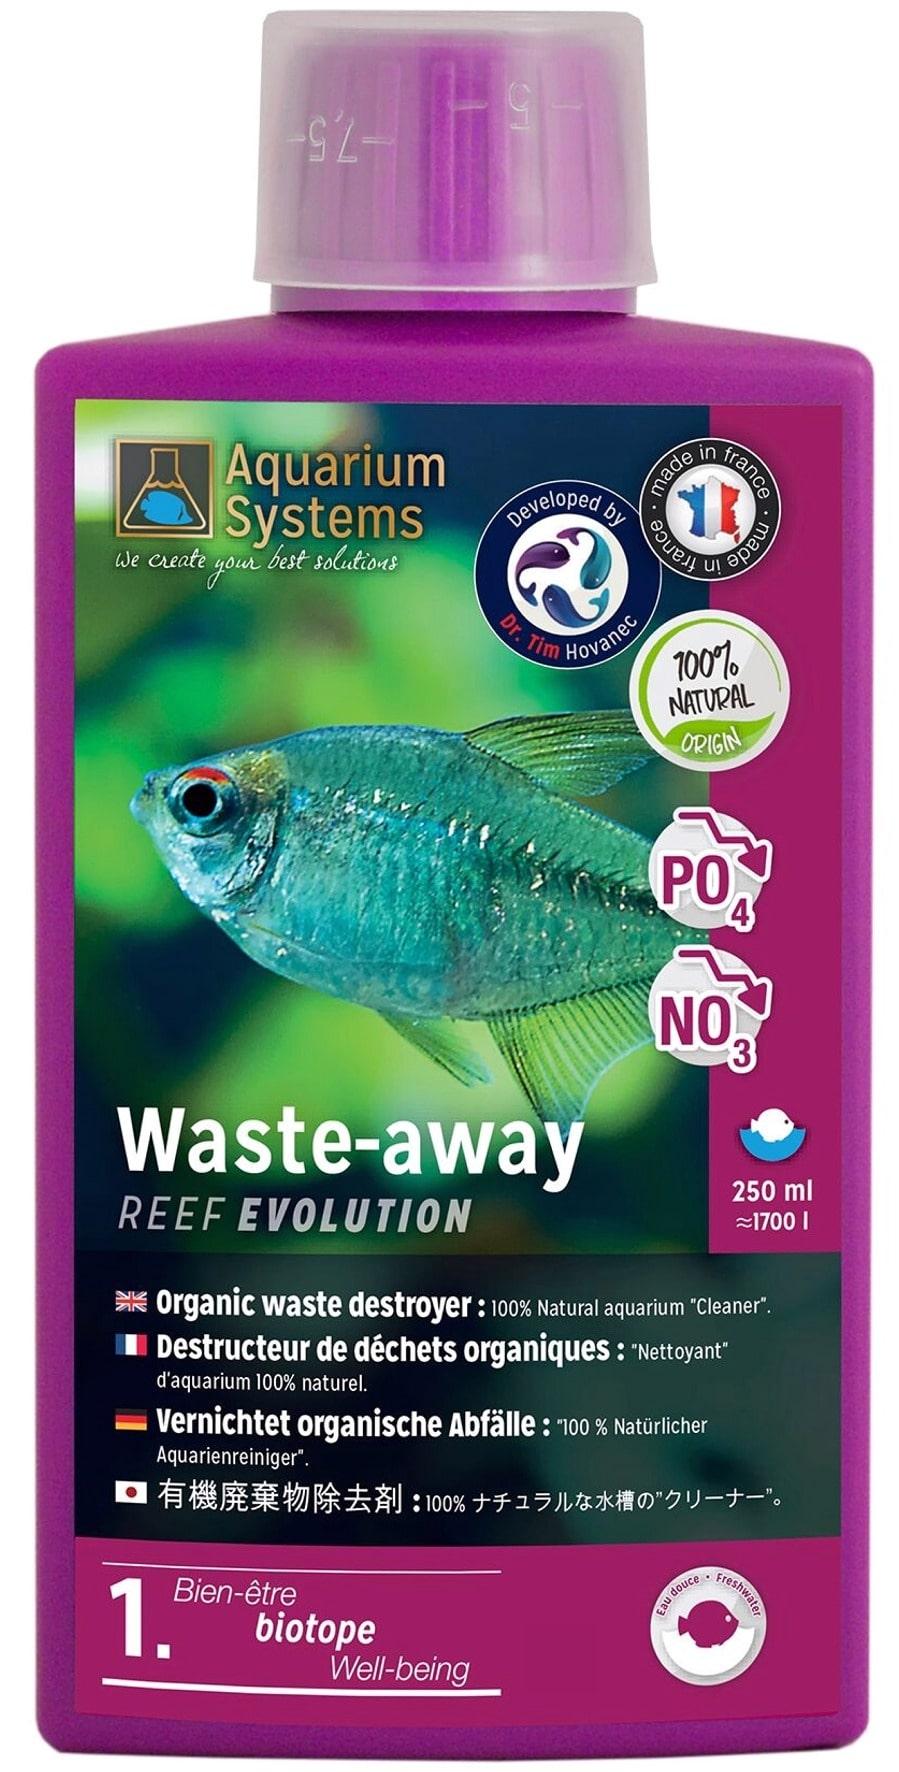 AQUARIUM SYSTEMS Waste-Away Eau Douce 250 ml nettoyant 100% naturel à base de bactéries pour aquarium